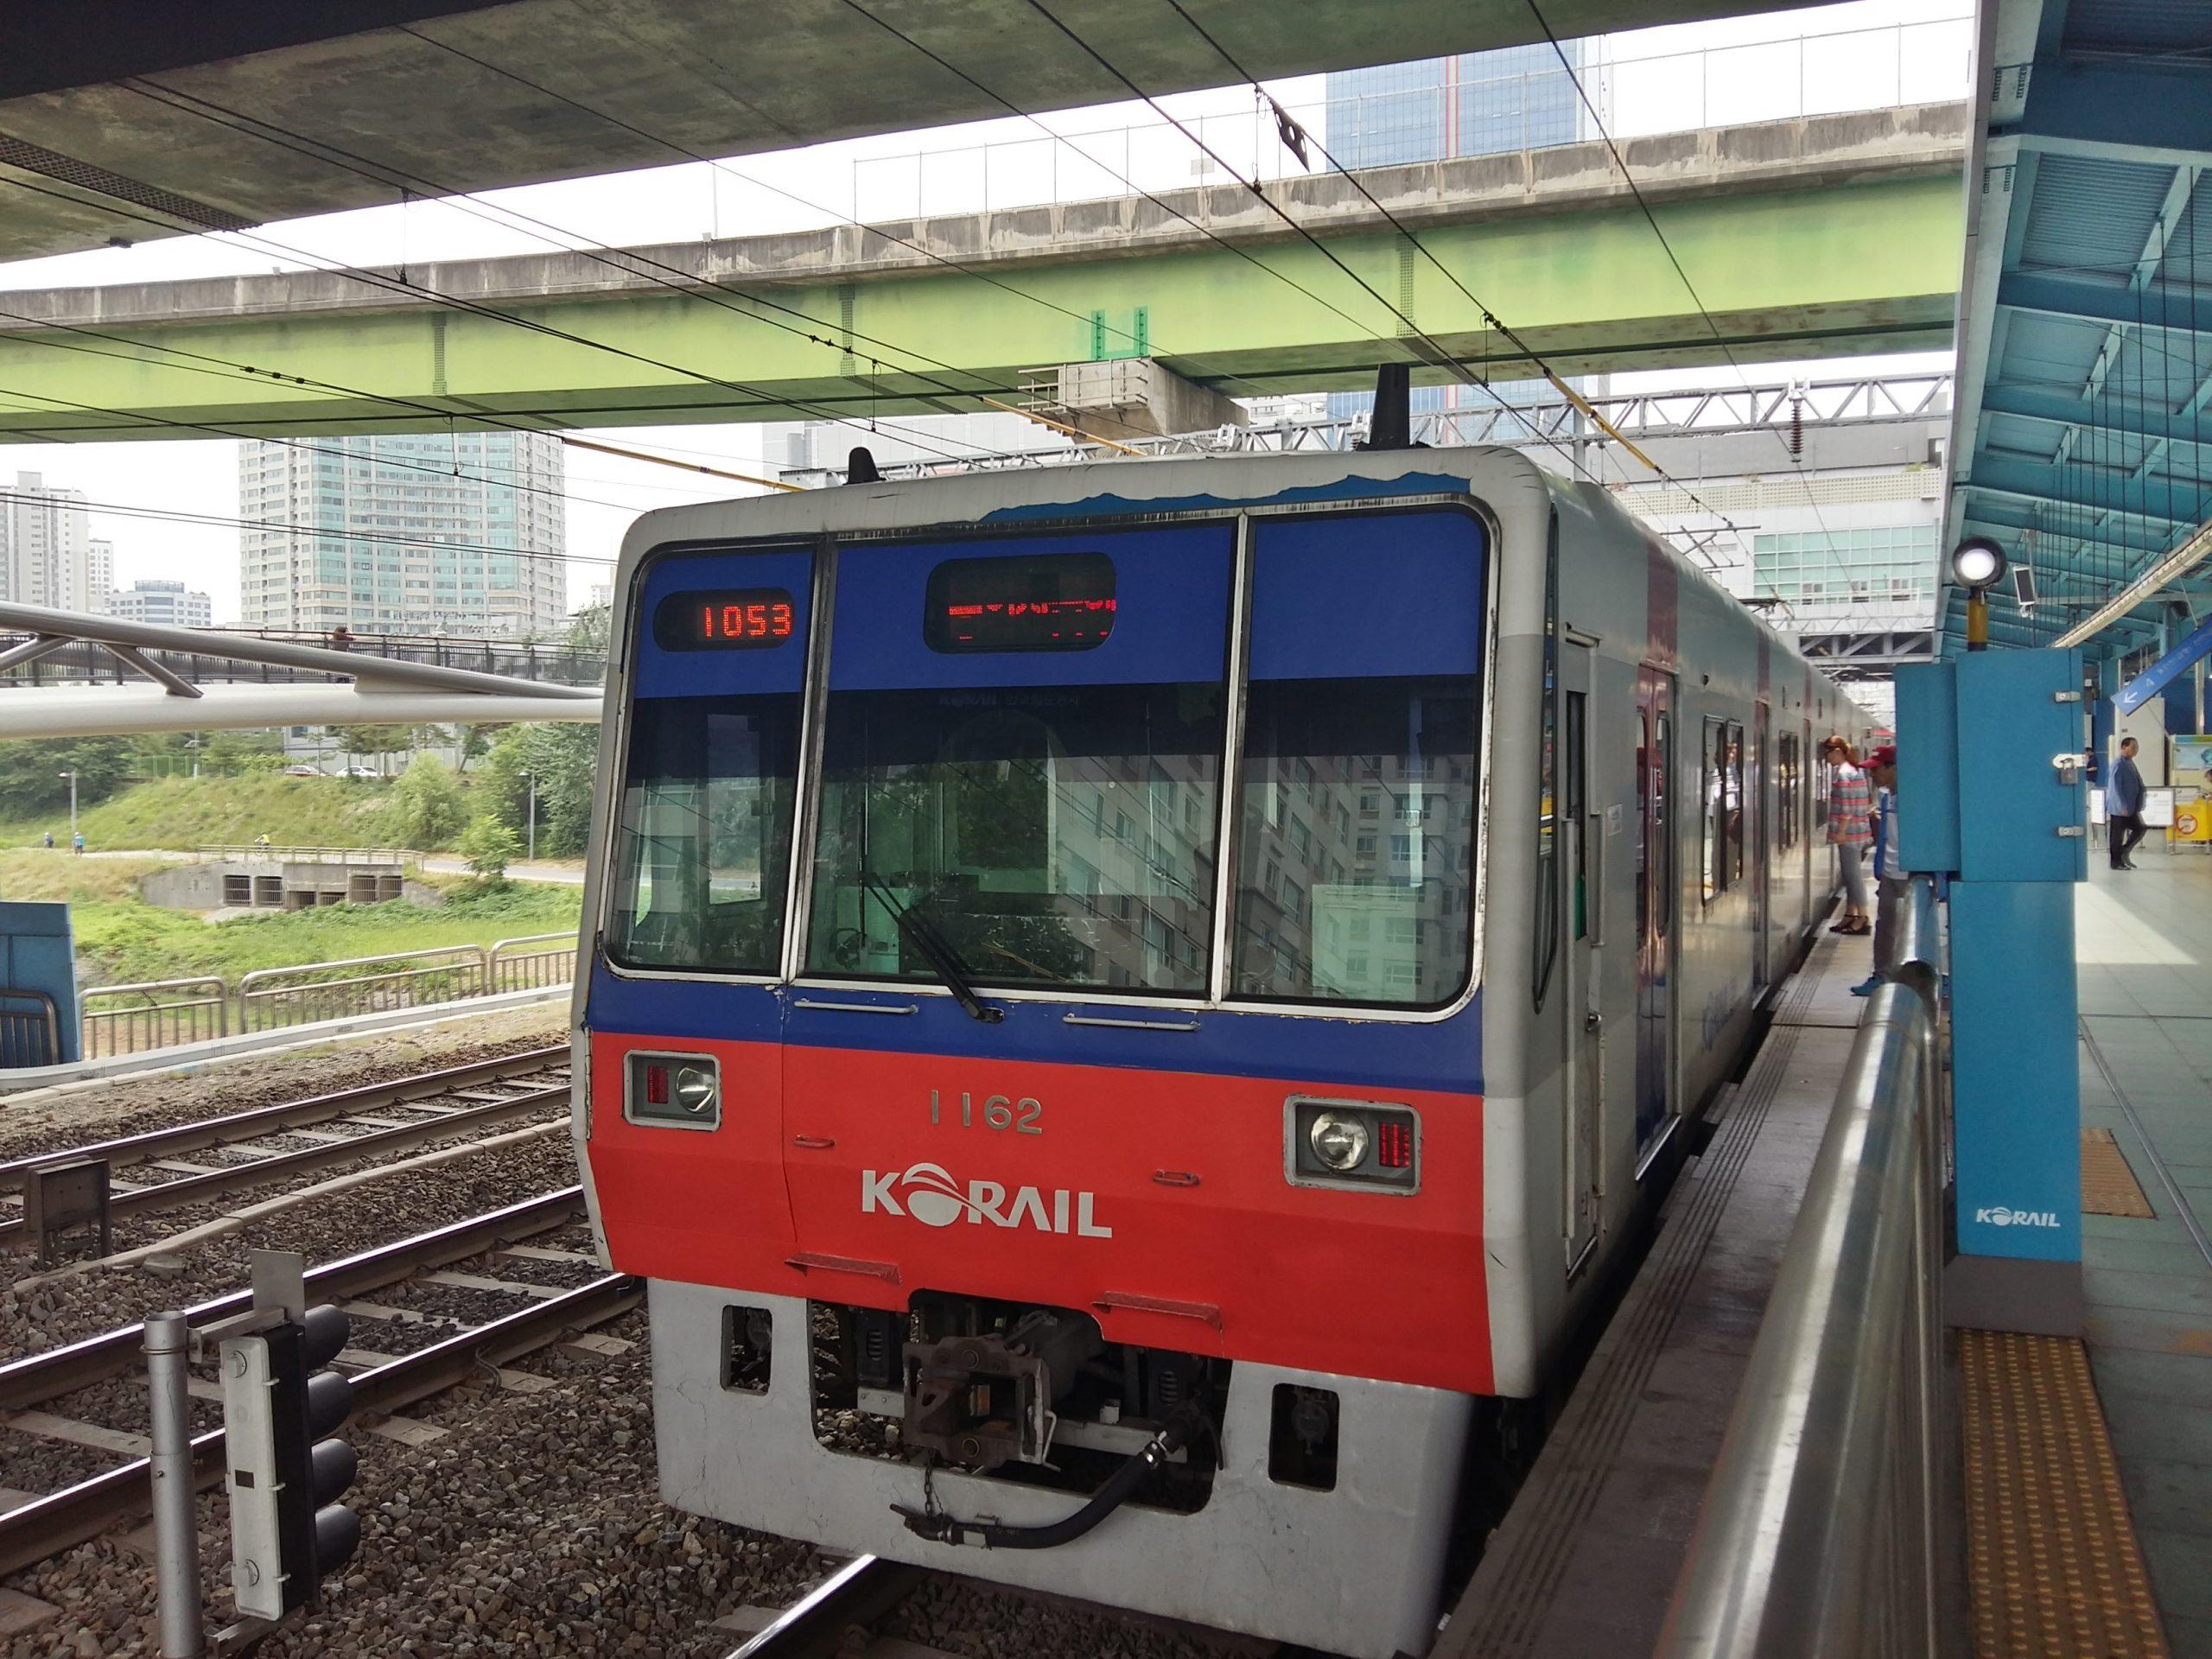 Travel to South Korea KORAIL